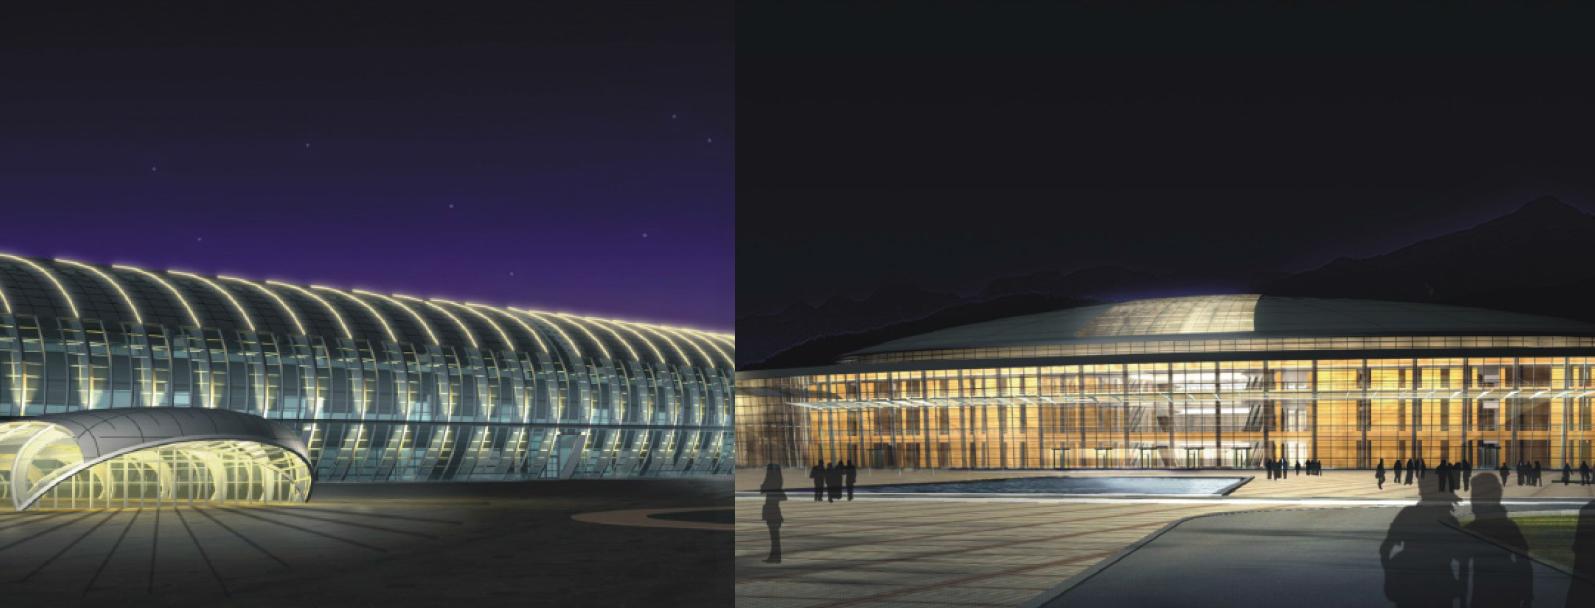 项目位置:中国-福州 设计时间:2007年 相关案例图片